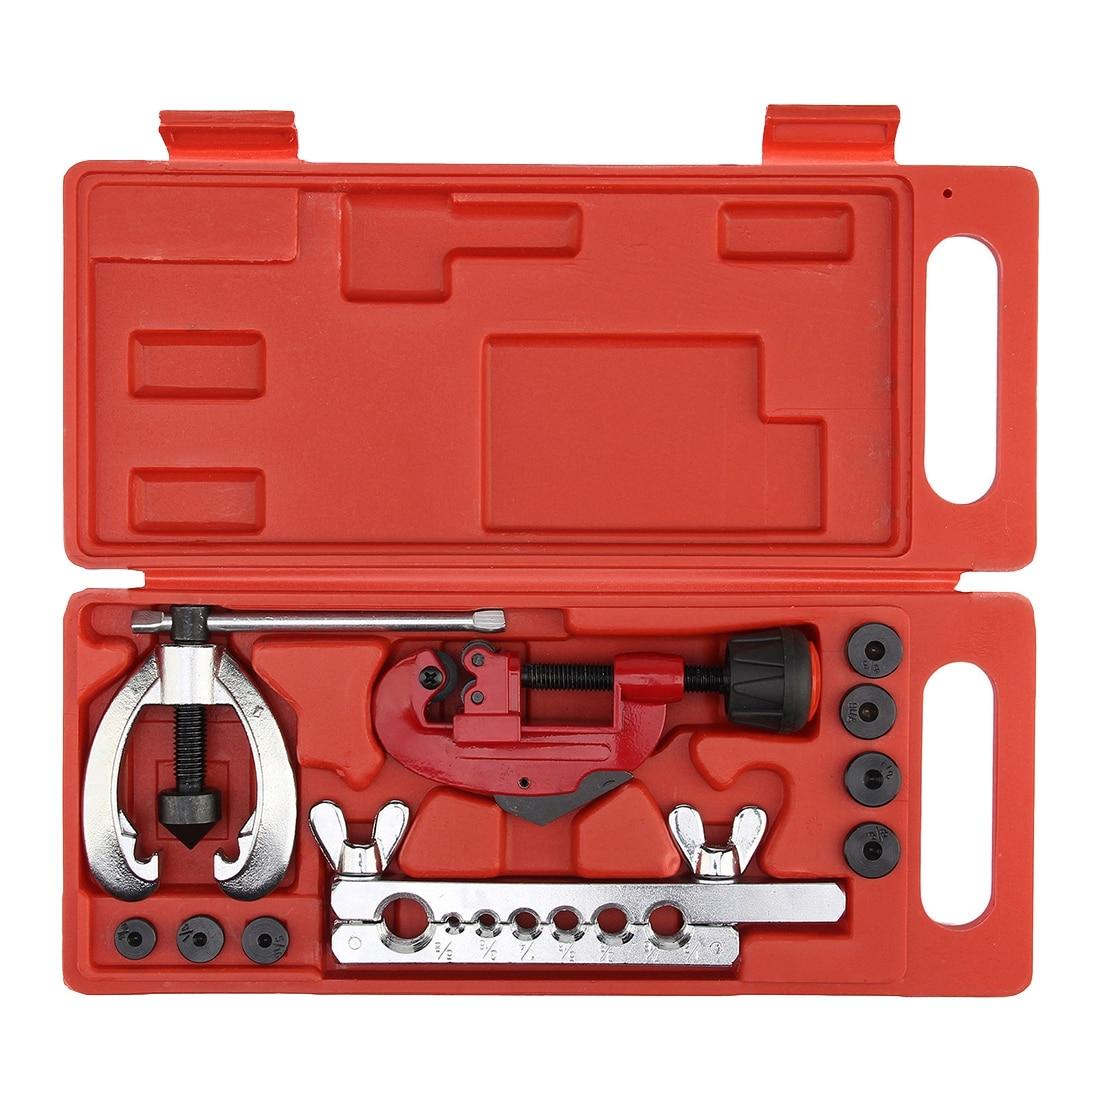 Freno de cobre tubo de combustible reparación doble quema muere herramienta Clamp Kit cortador de tubo